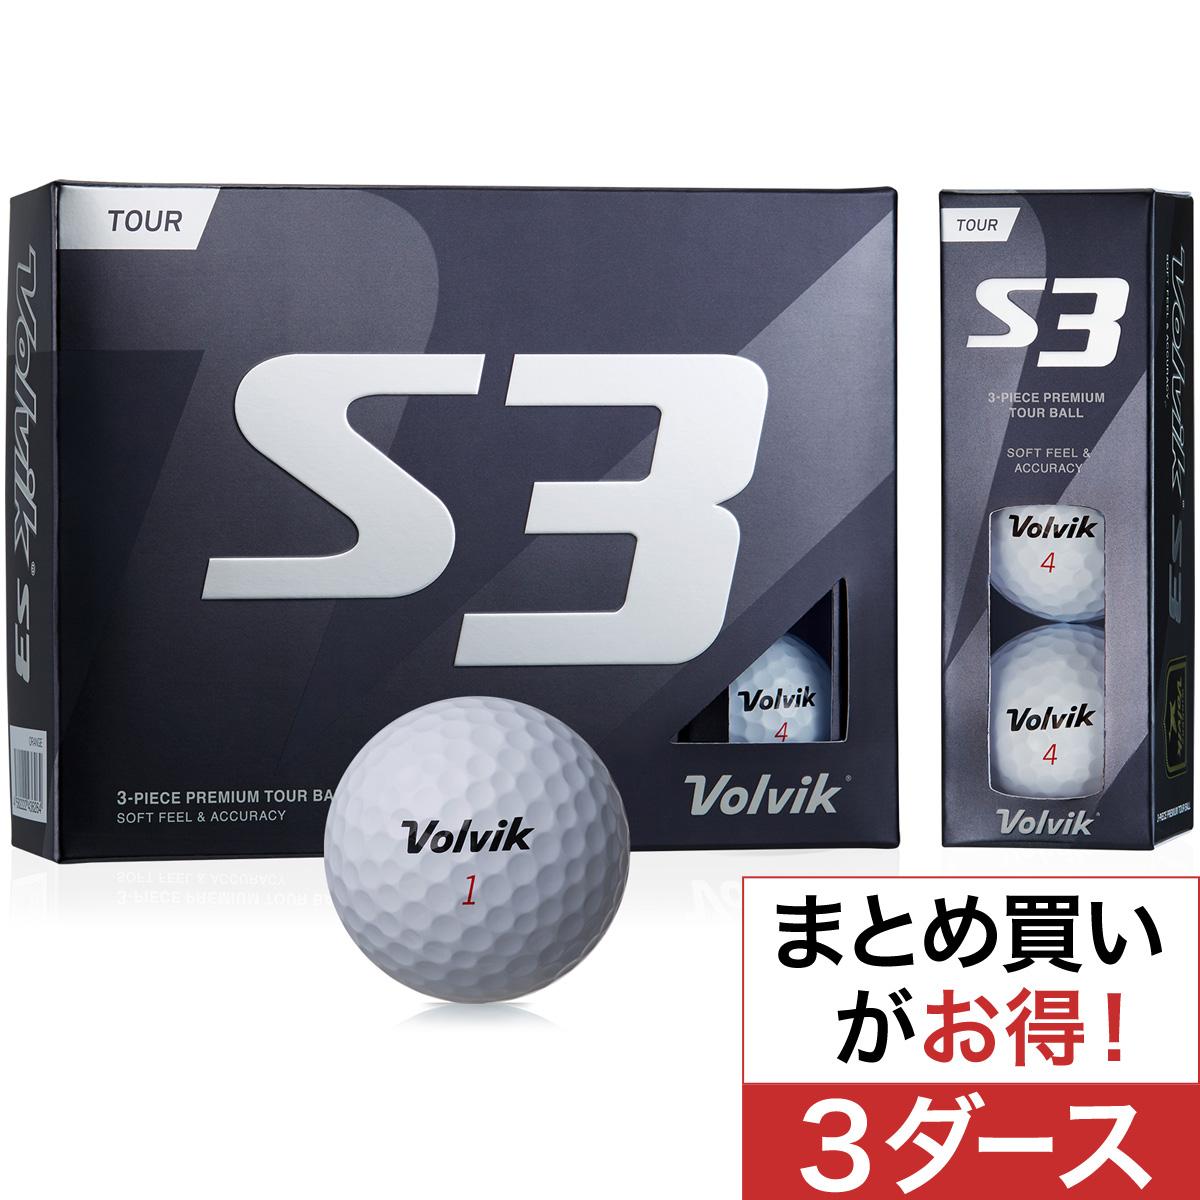 VOLVIK S3 ボール 3ダースセット